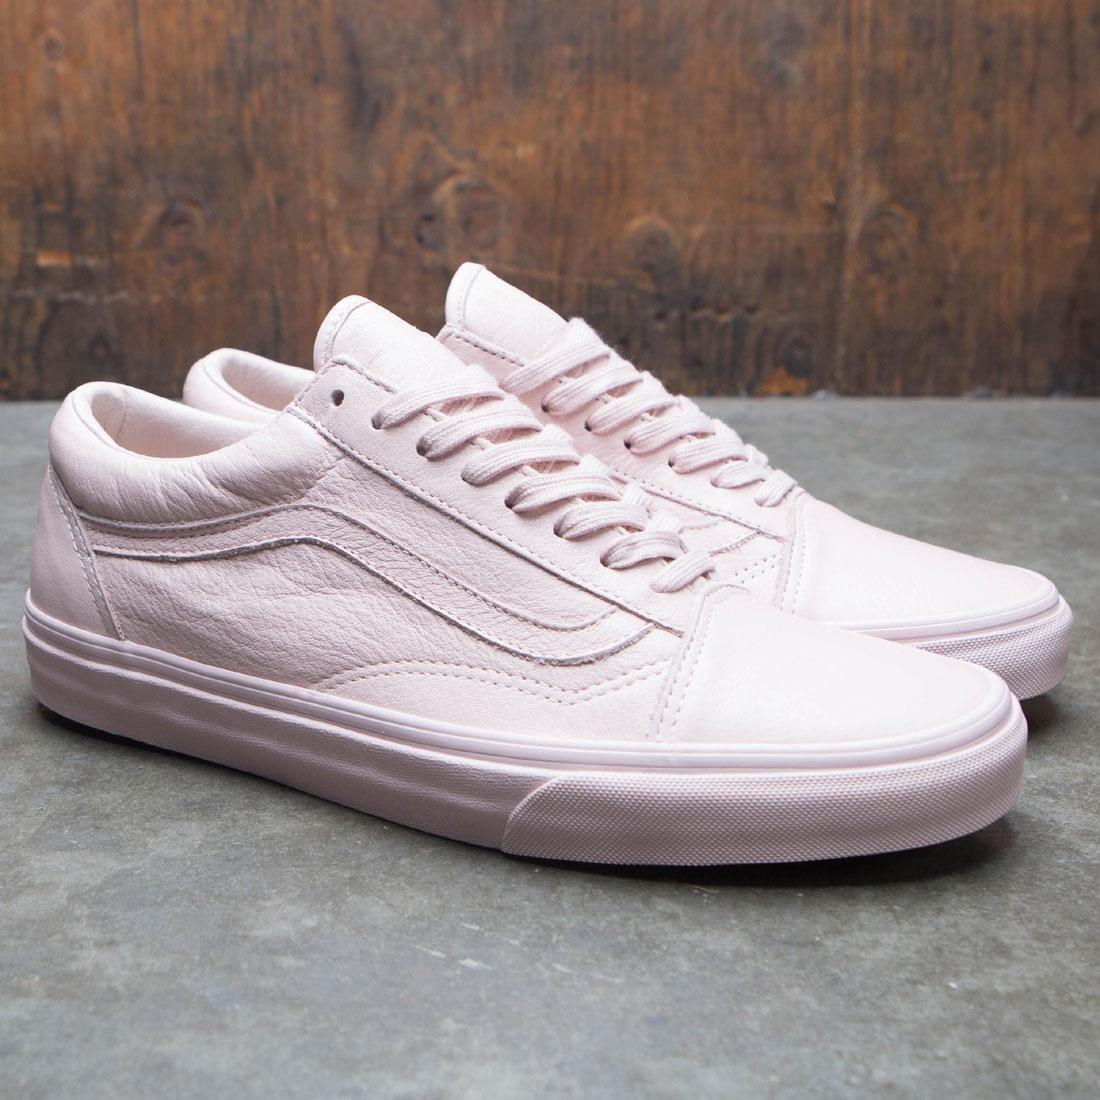 Vans Men Old Skool - Leather pink sepia